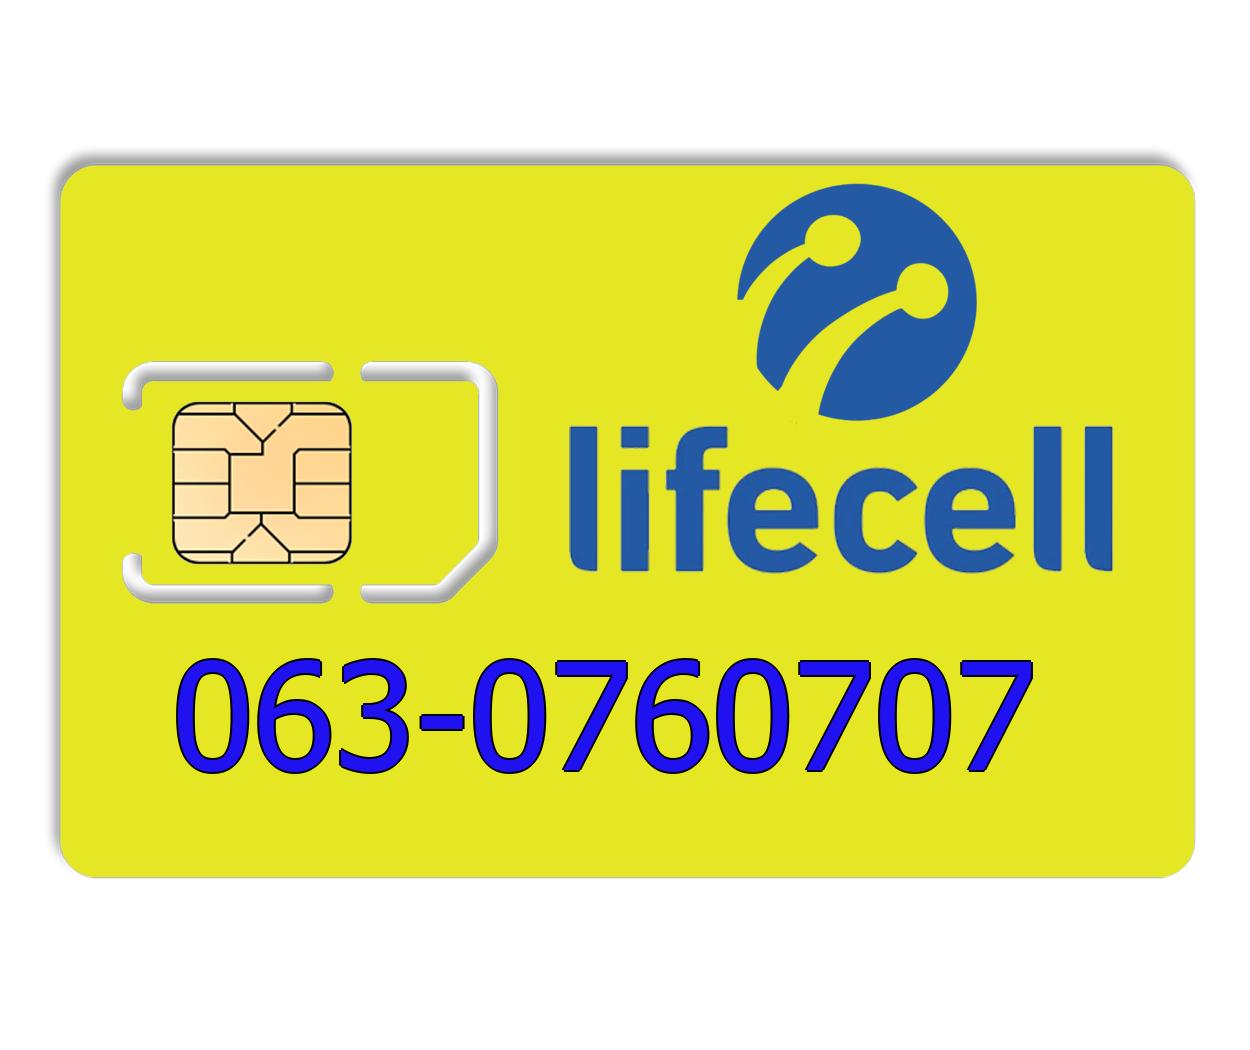 Красивый номер lifecell 063-0760707